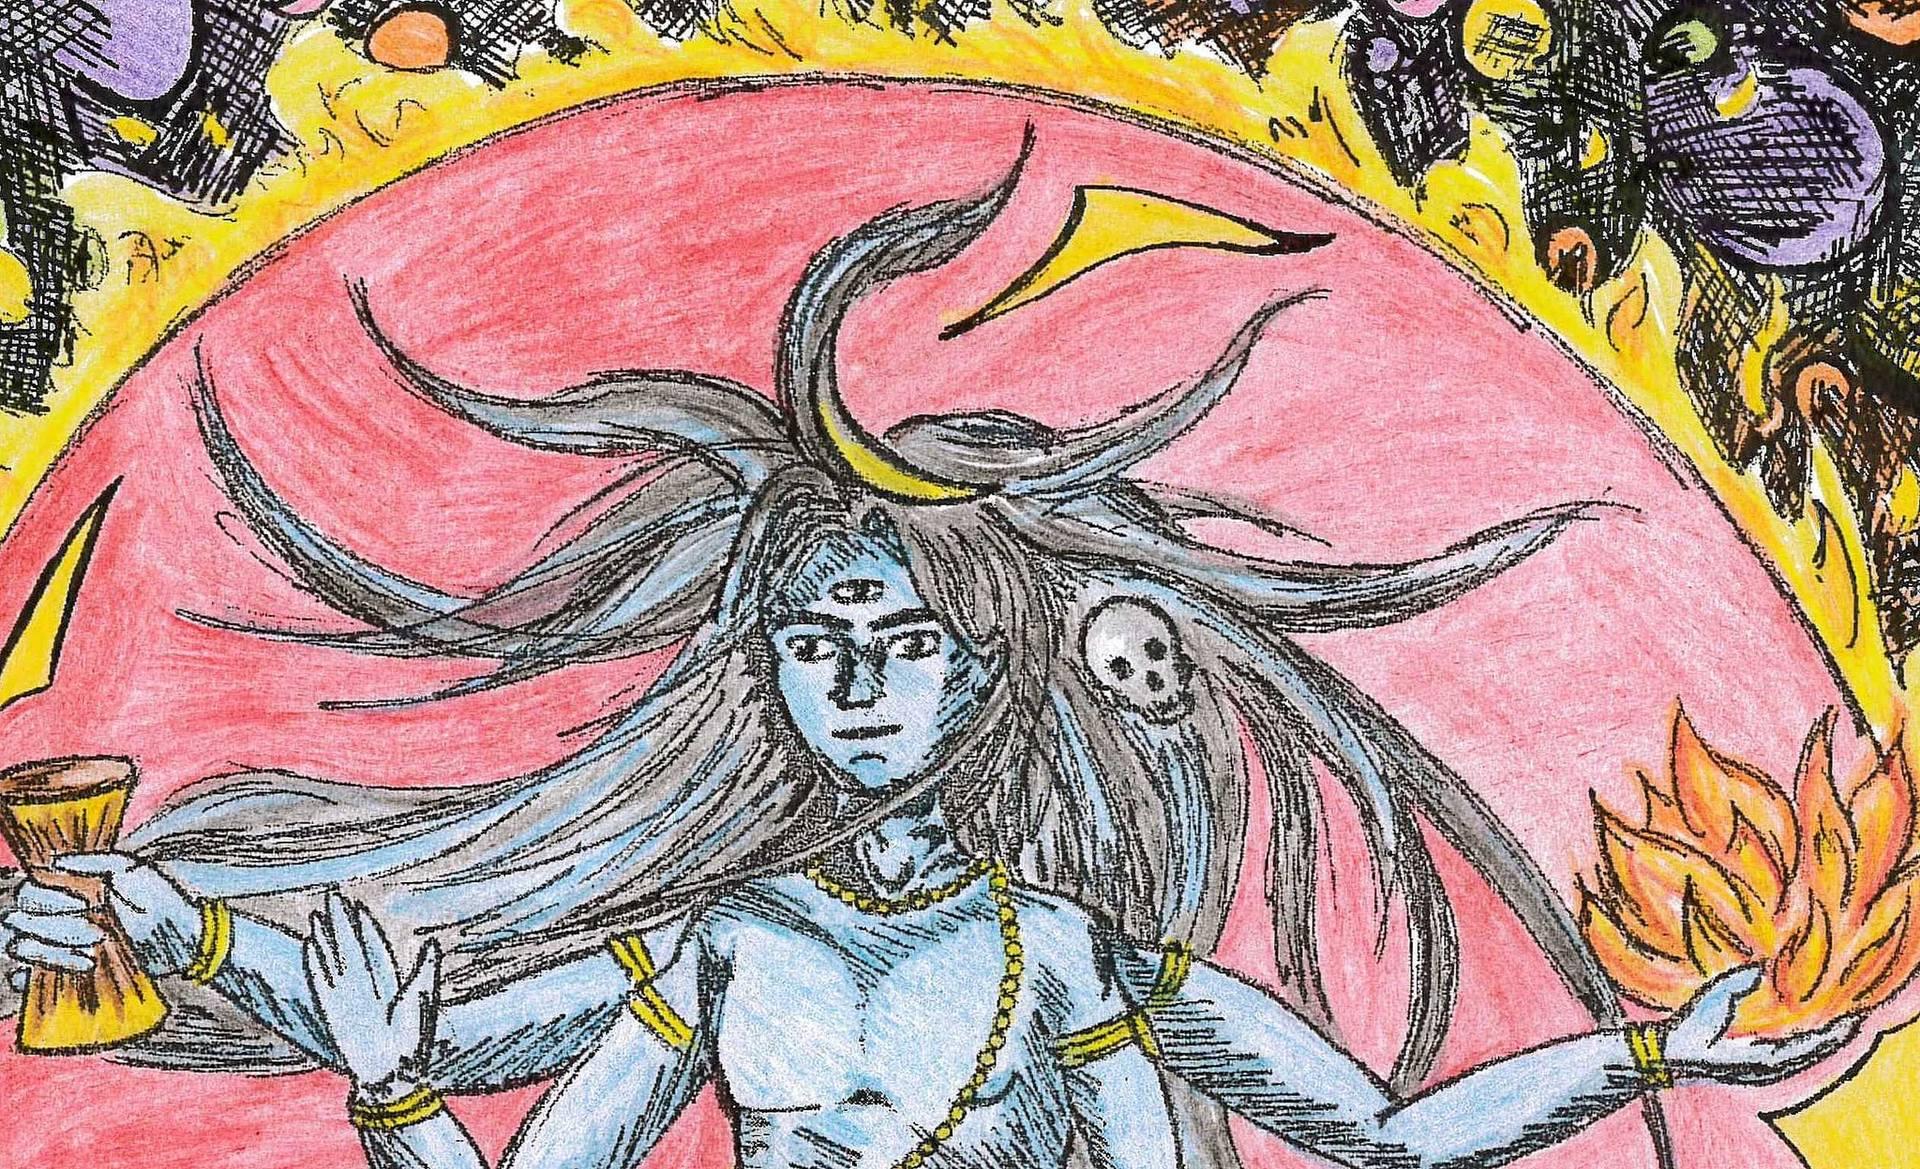 1920x1169 Saatchi Art Shiva Nataraja Drawing By Lolita Parekh